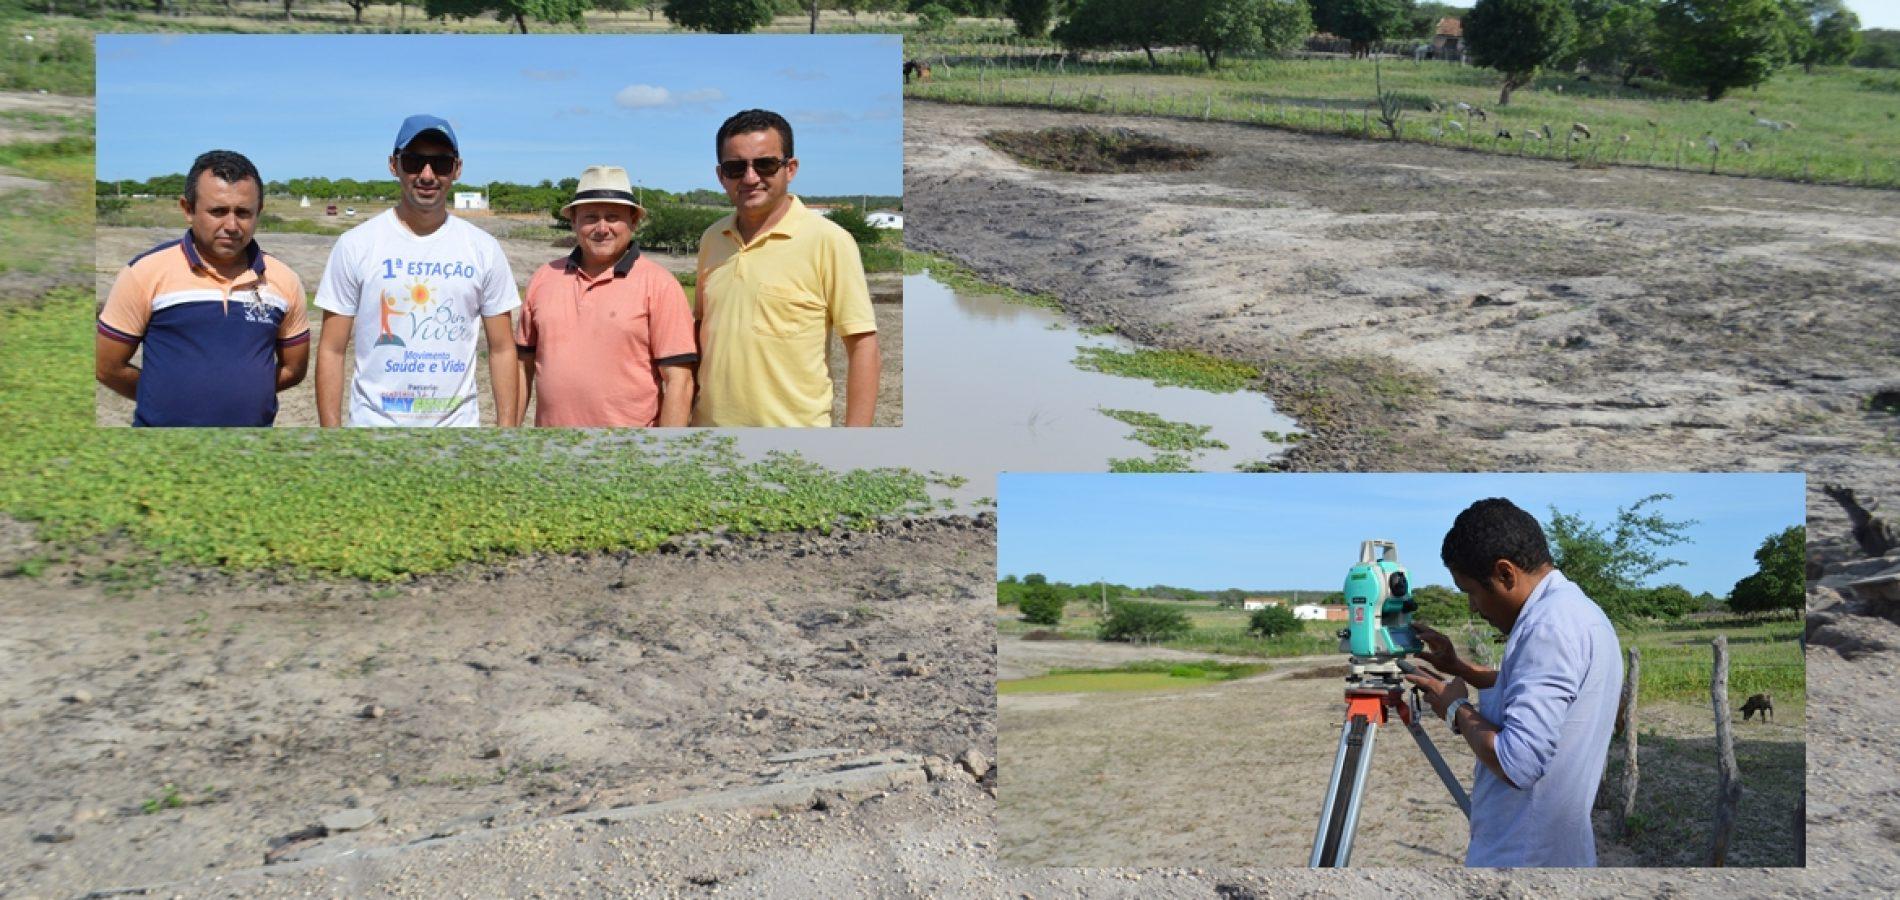 Município de Vila Nova recebe engenheiro da Planacom para elaborar projeto da recuperação do barreiro do Retiro